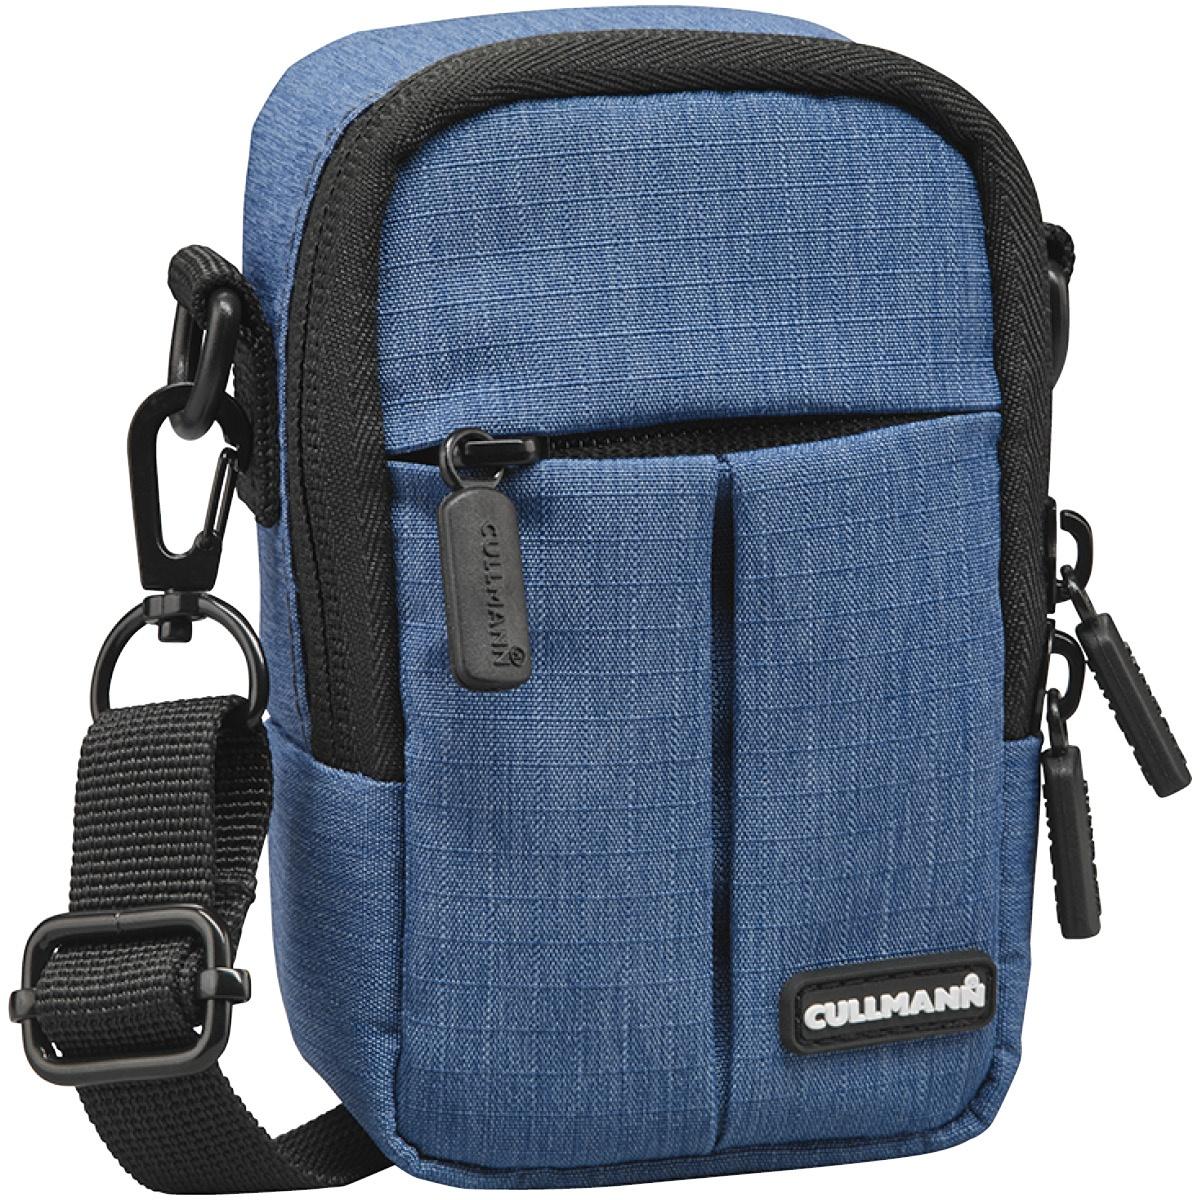 Cullmann Malaga Compact 400 Blau